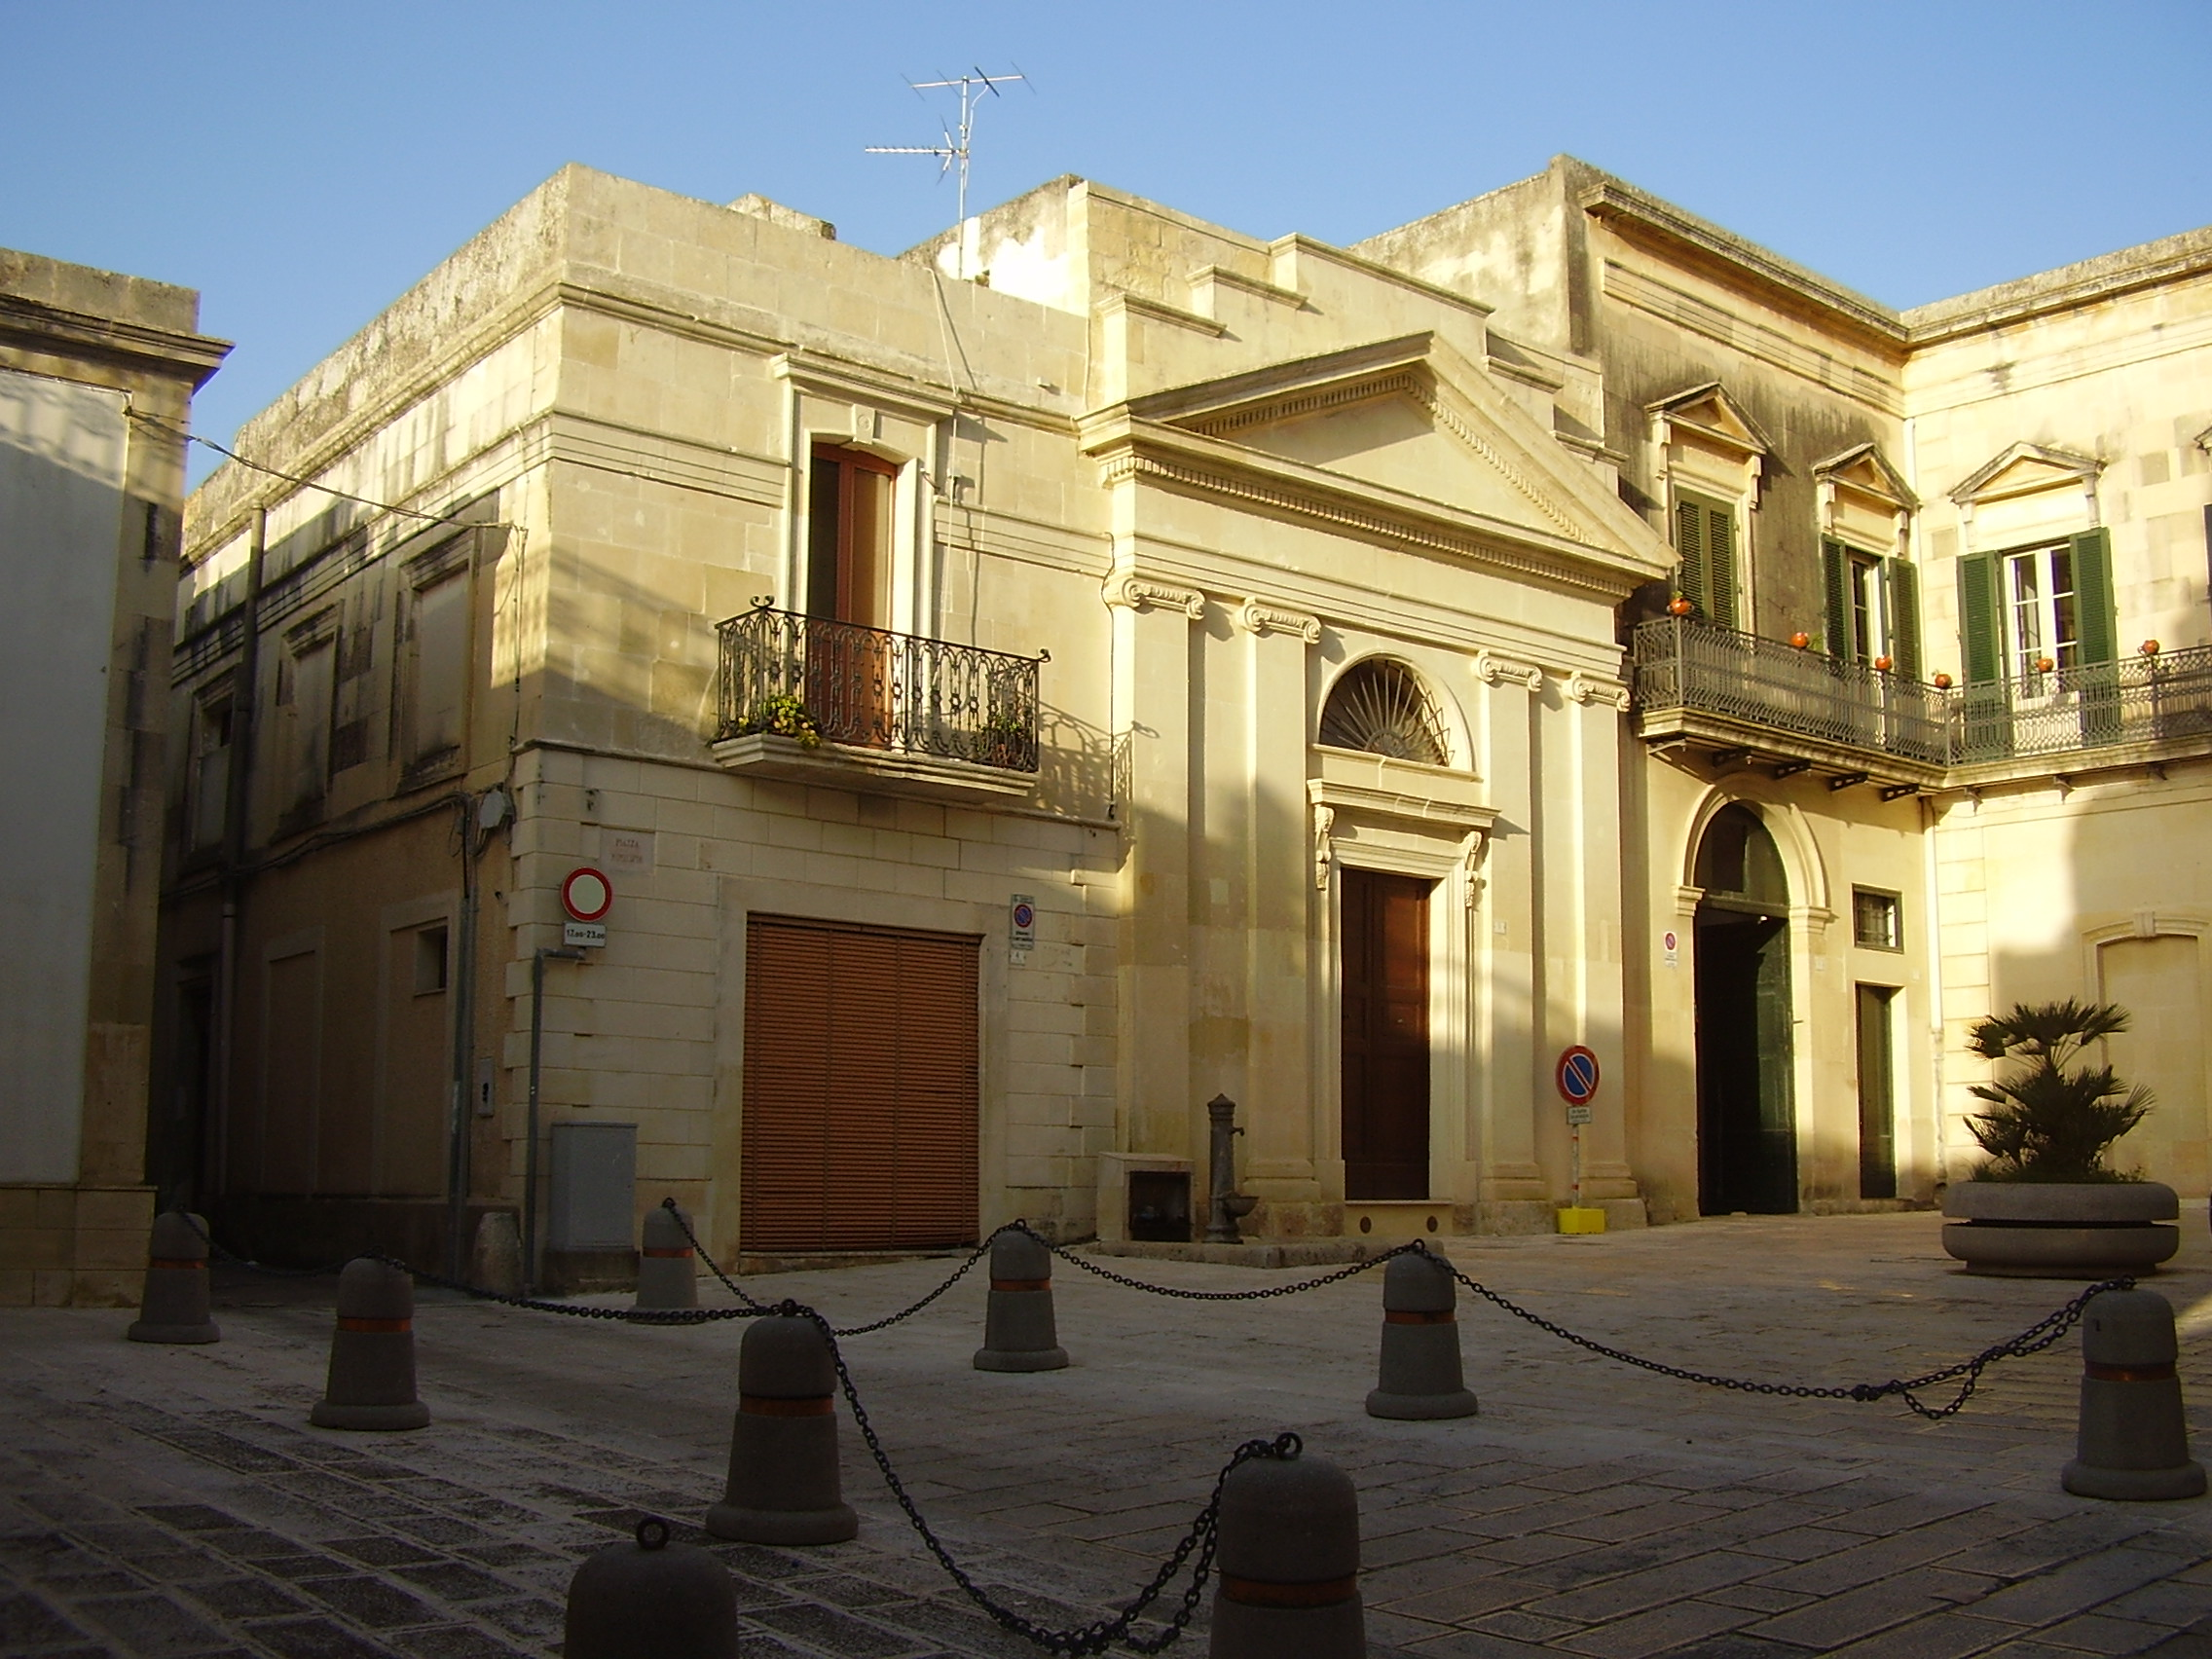 Piazza del Municipio - Scorrano, Lecce (www.wikiwand.com)